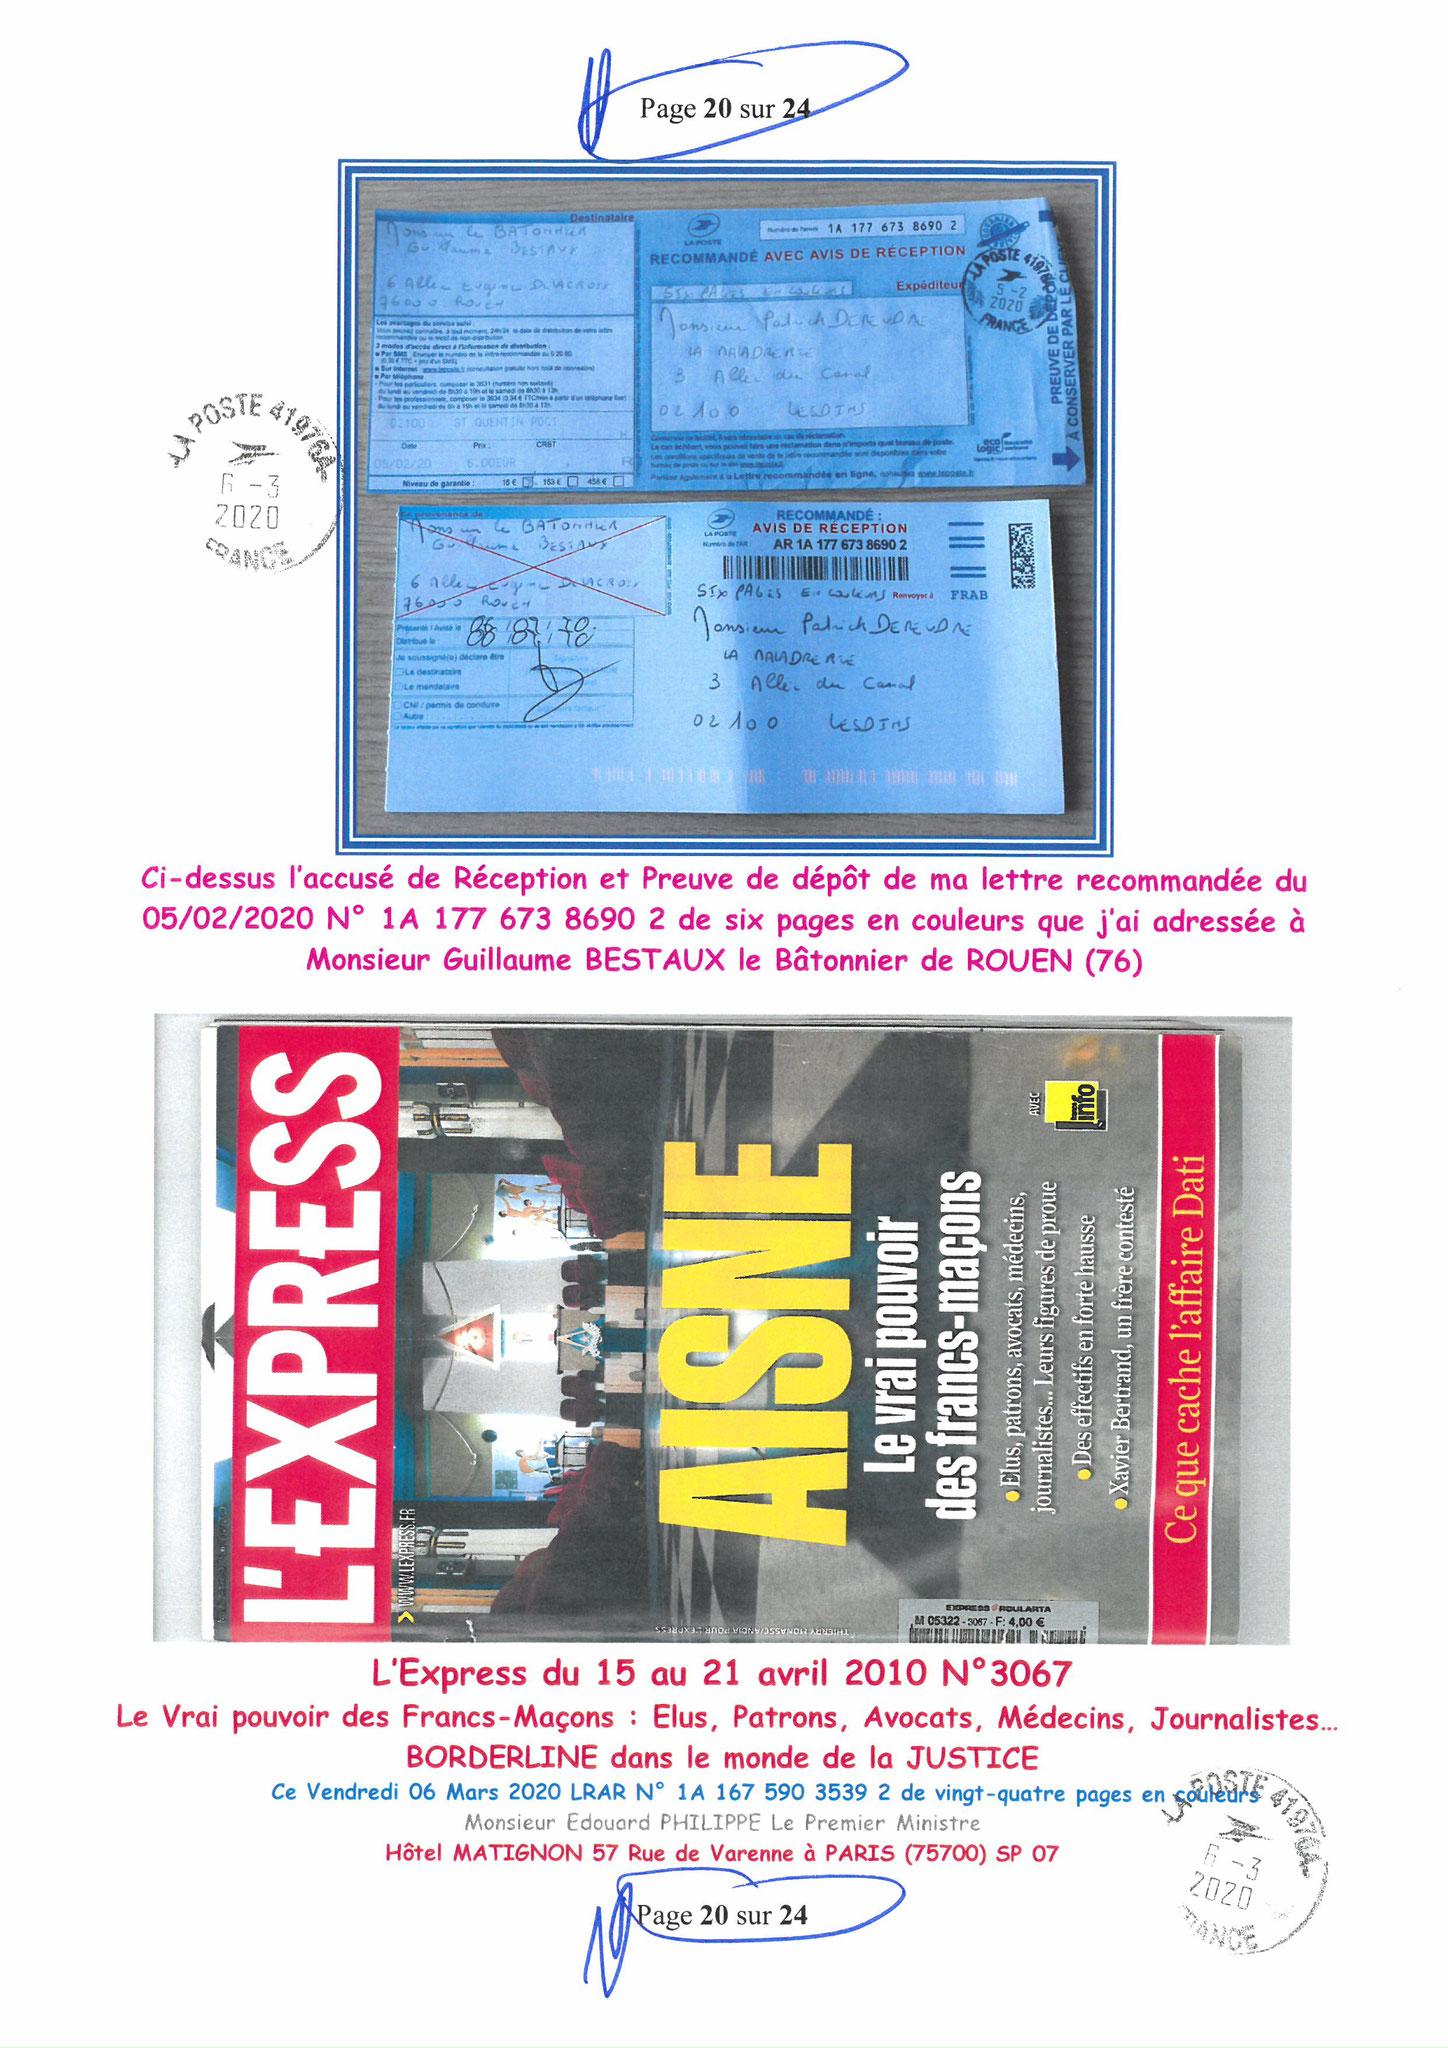 Ma LRAR à Monsieur le  Premier Ministre Edouard PHILIPPE N° 1A 167 590 3539 2 Page 20 sur 24 en Couleur du 06 Mars 2020  www.jesuispatrick.fr